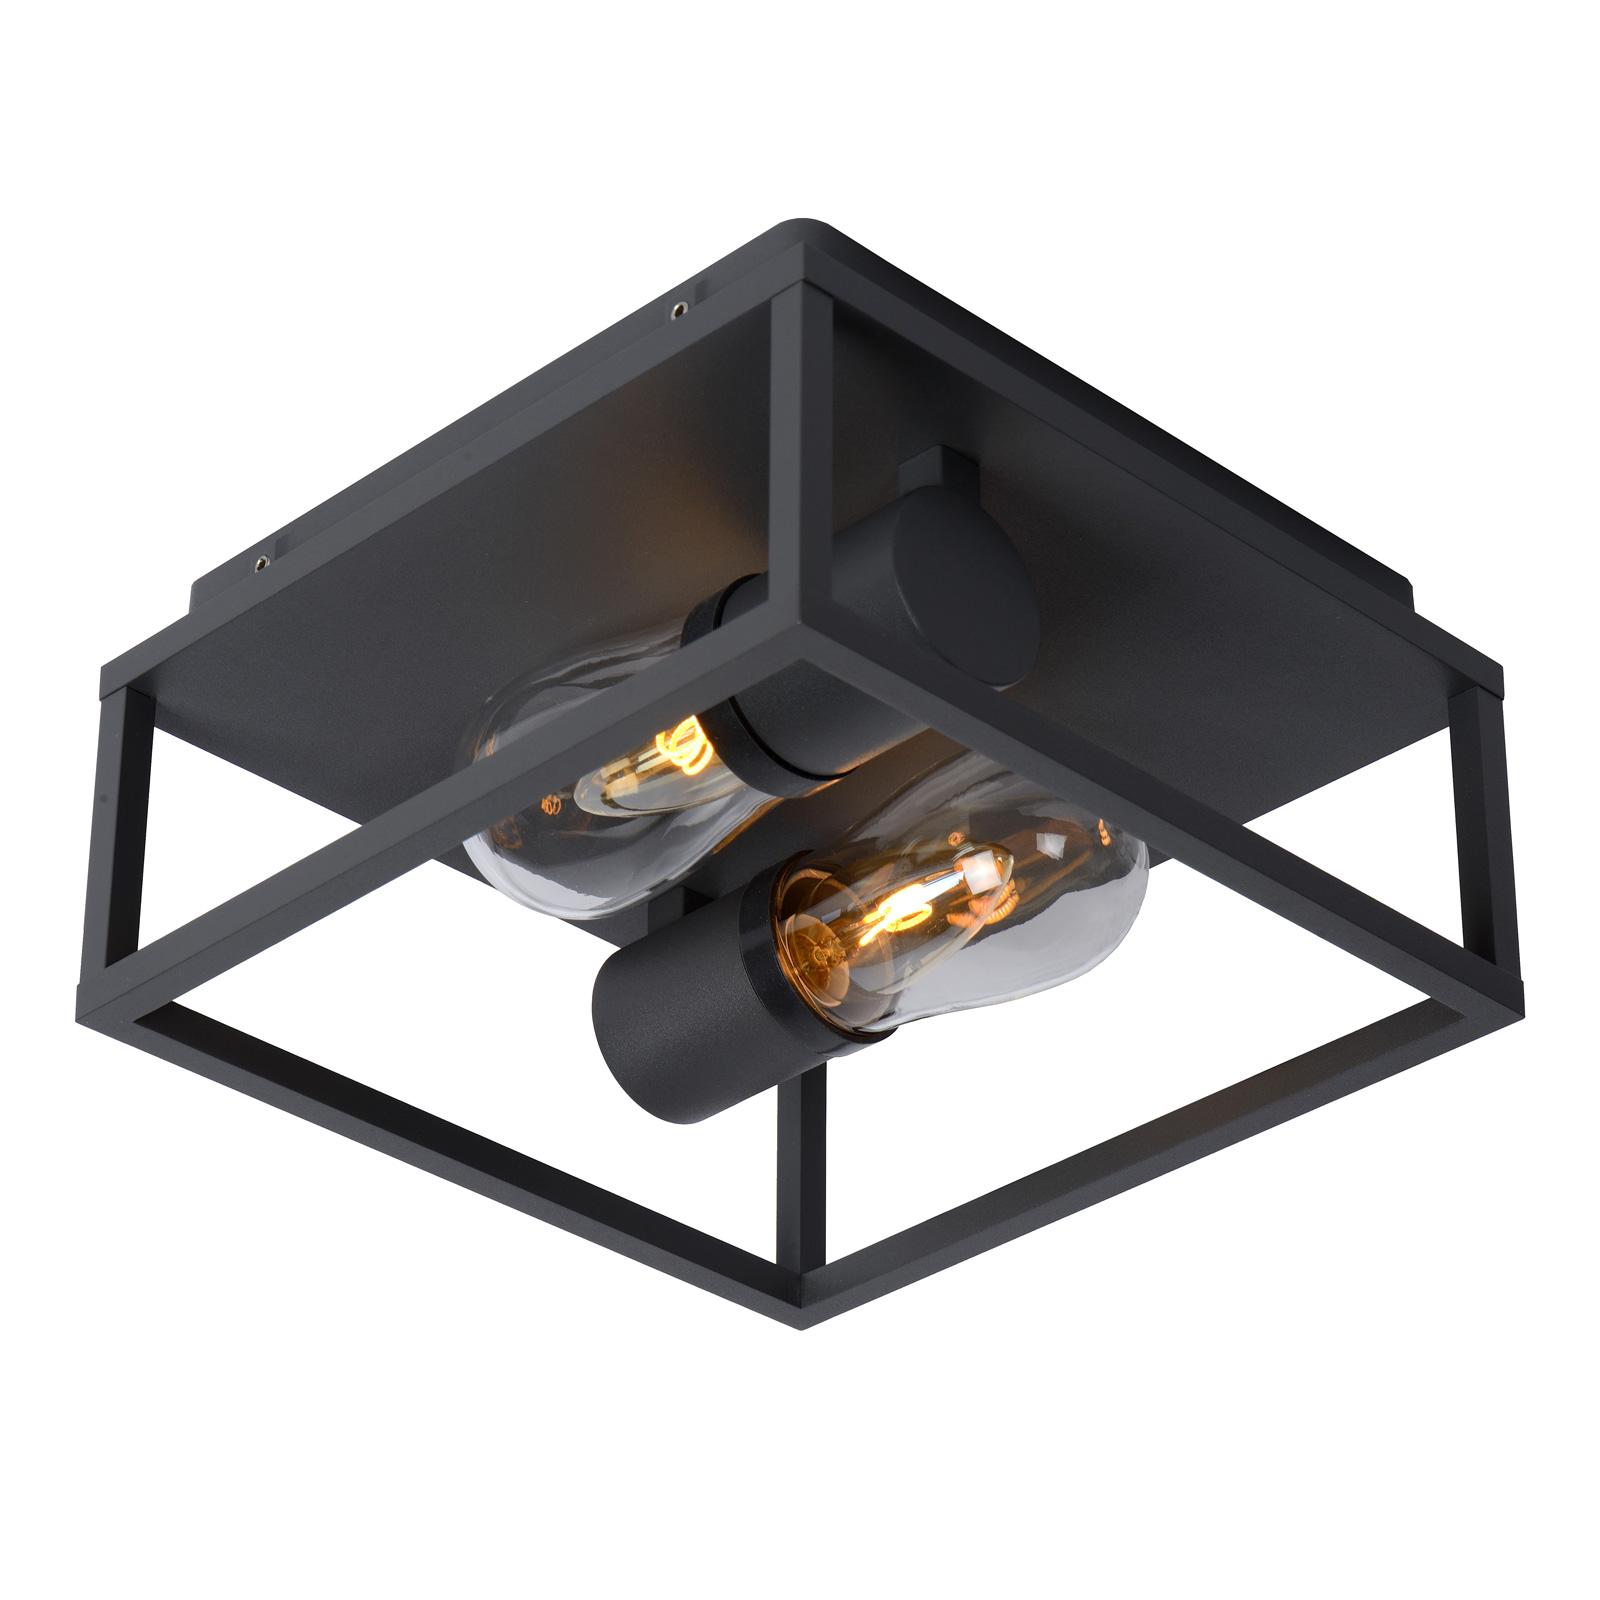 Deckenlampe Carlyn Badezimmer zweiflammig schwarz